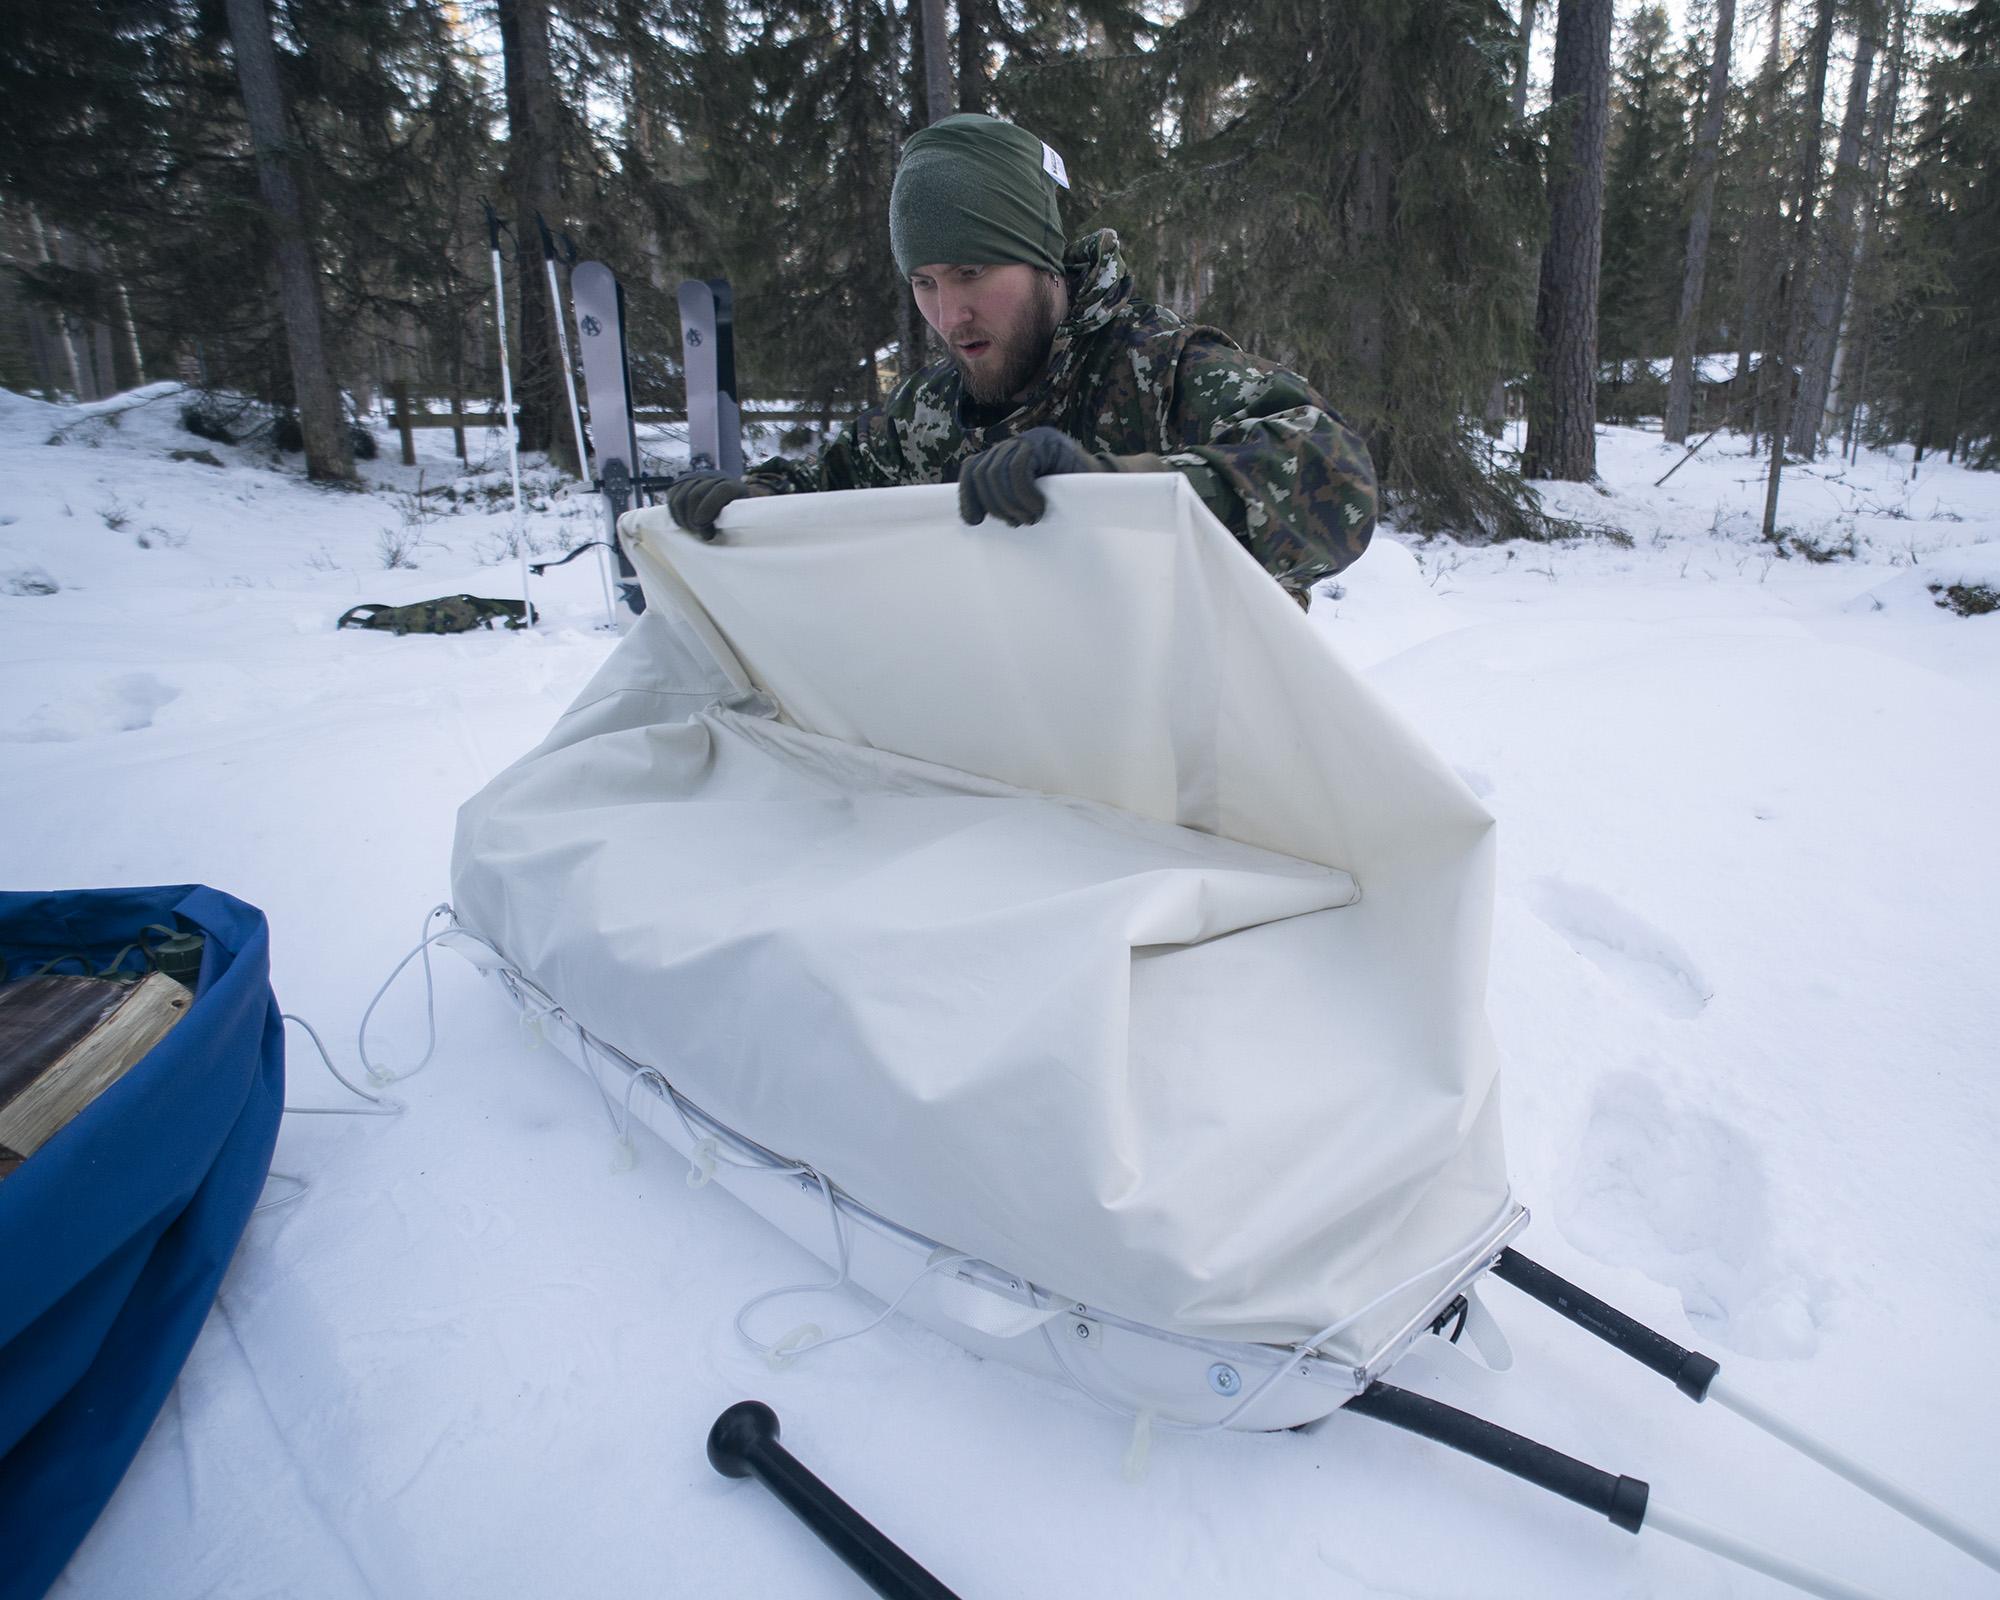 SAVOTTA Vojaške transportne sanke Border Ahkio finskih obrambnih sil, SAVOTTA, B33 army shop, army shop, B33-Tactical, opremljen.si, B33, Trgovina z vojaško opremo, vojaška trgovina